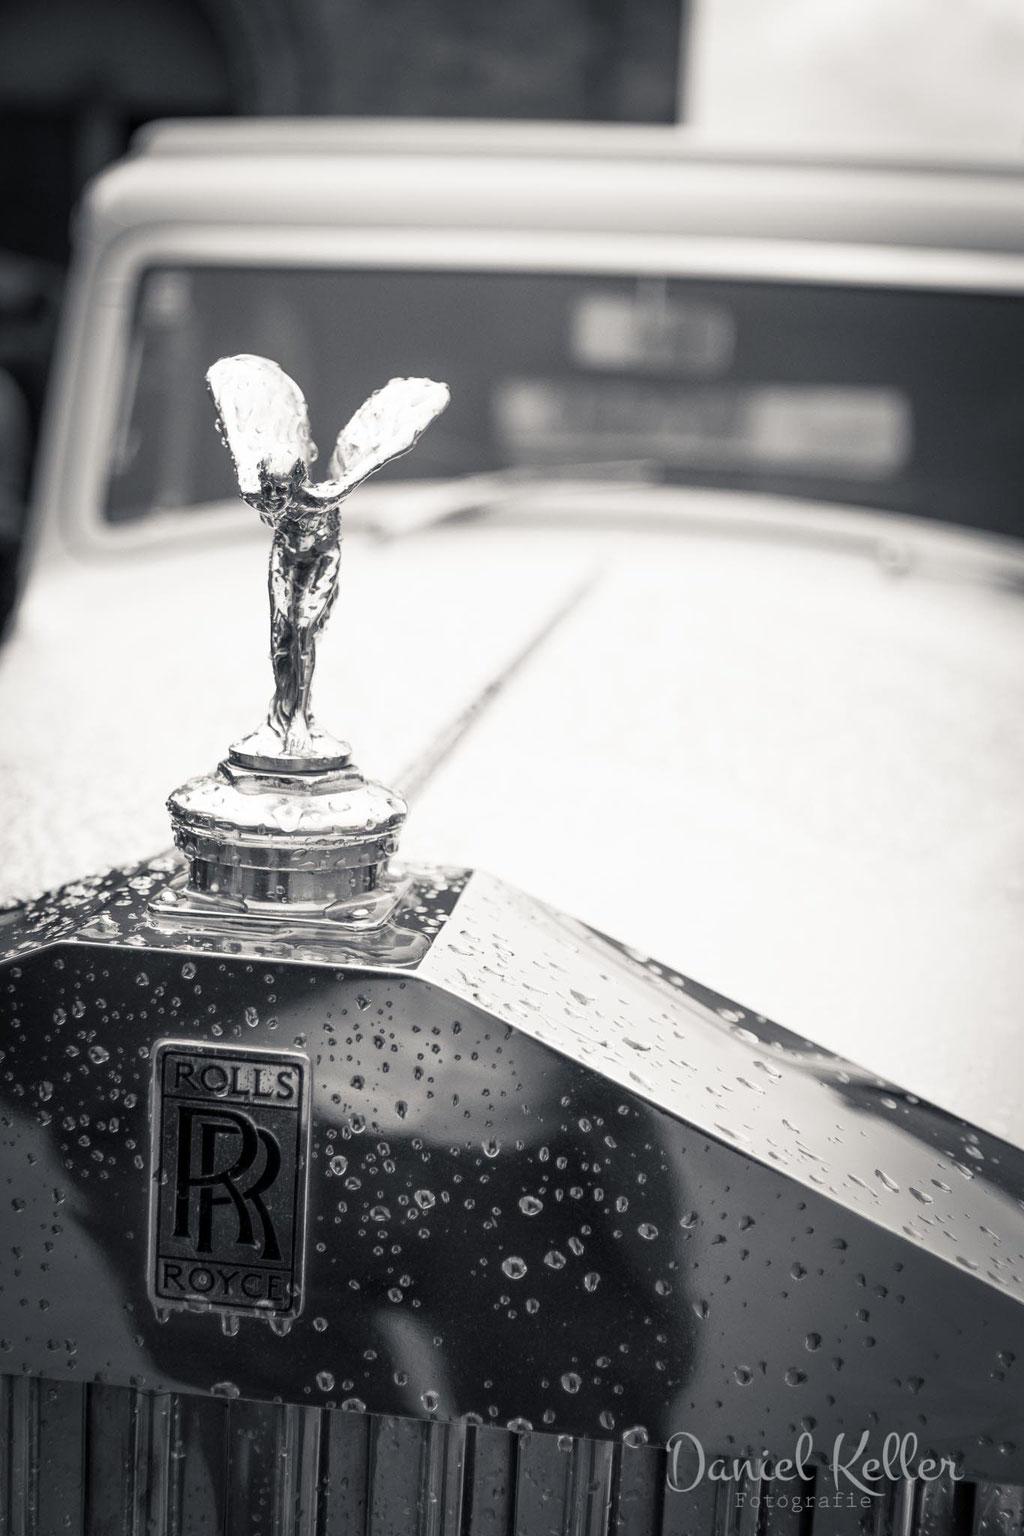 Rolls Royce Daniel Keller Fotografie Hochzeitsfotograf Kehl/Offenburg/Achern